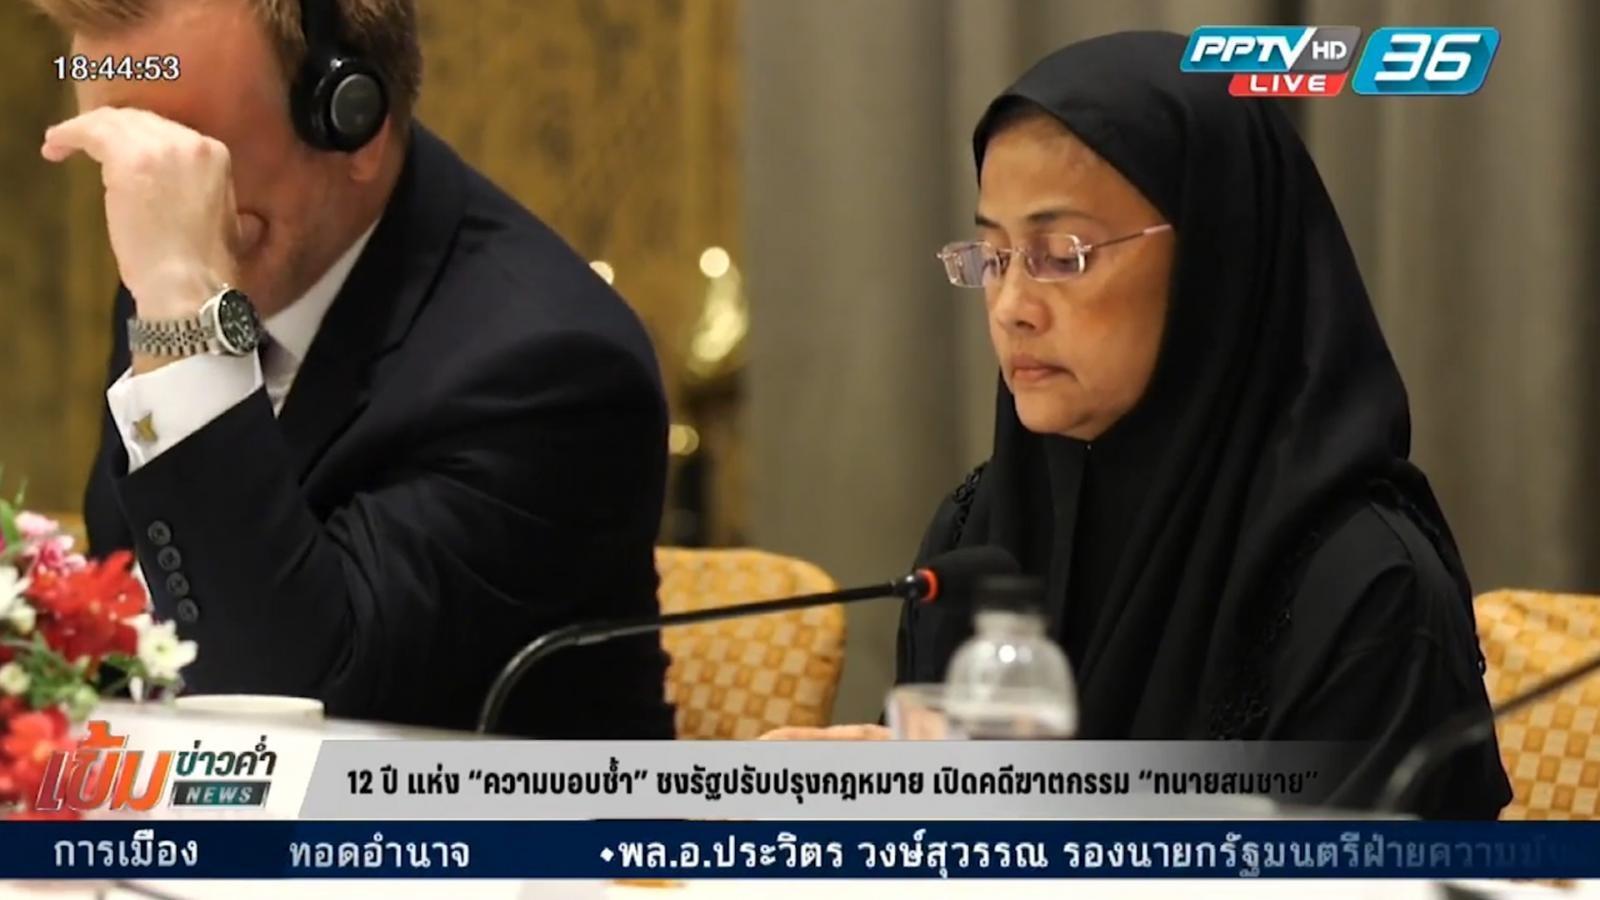 """12 ปี แห่ง """"ความบอบช้ำ"""" ชงรัฐปรับปรุงกฎหมาย เปิดคดีฆาตกรรม """"ทนายสมชาย"""""""